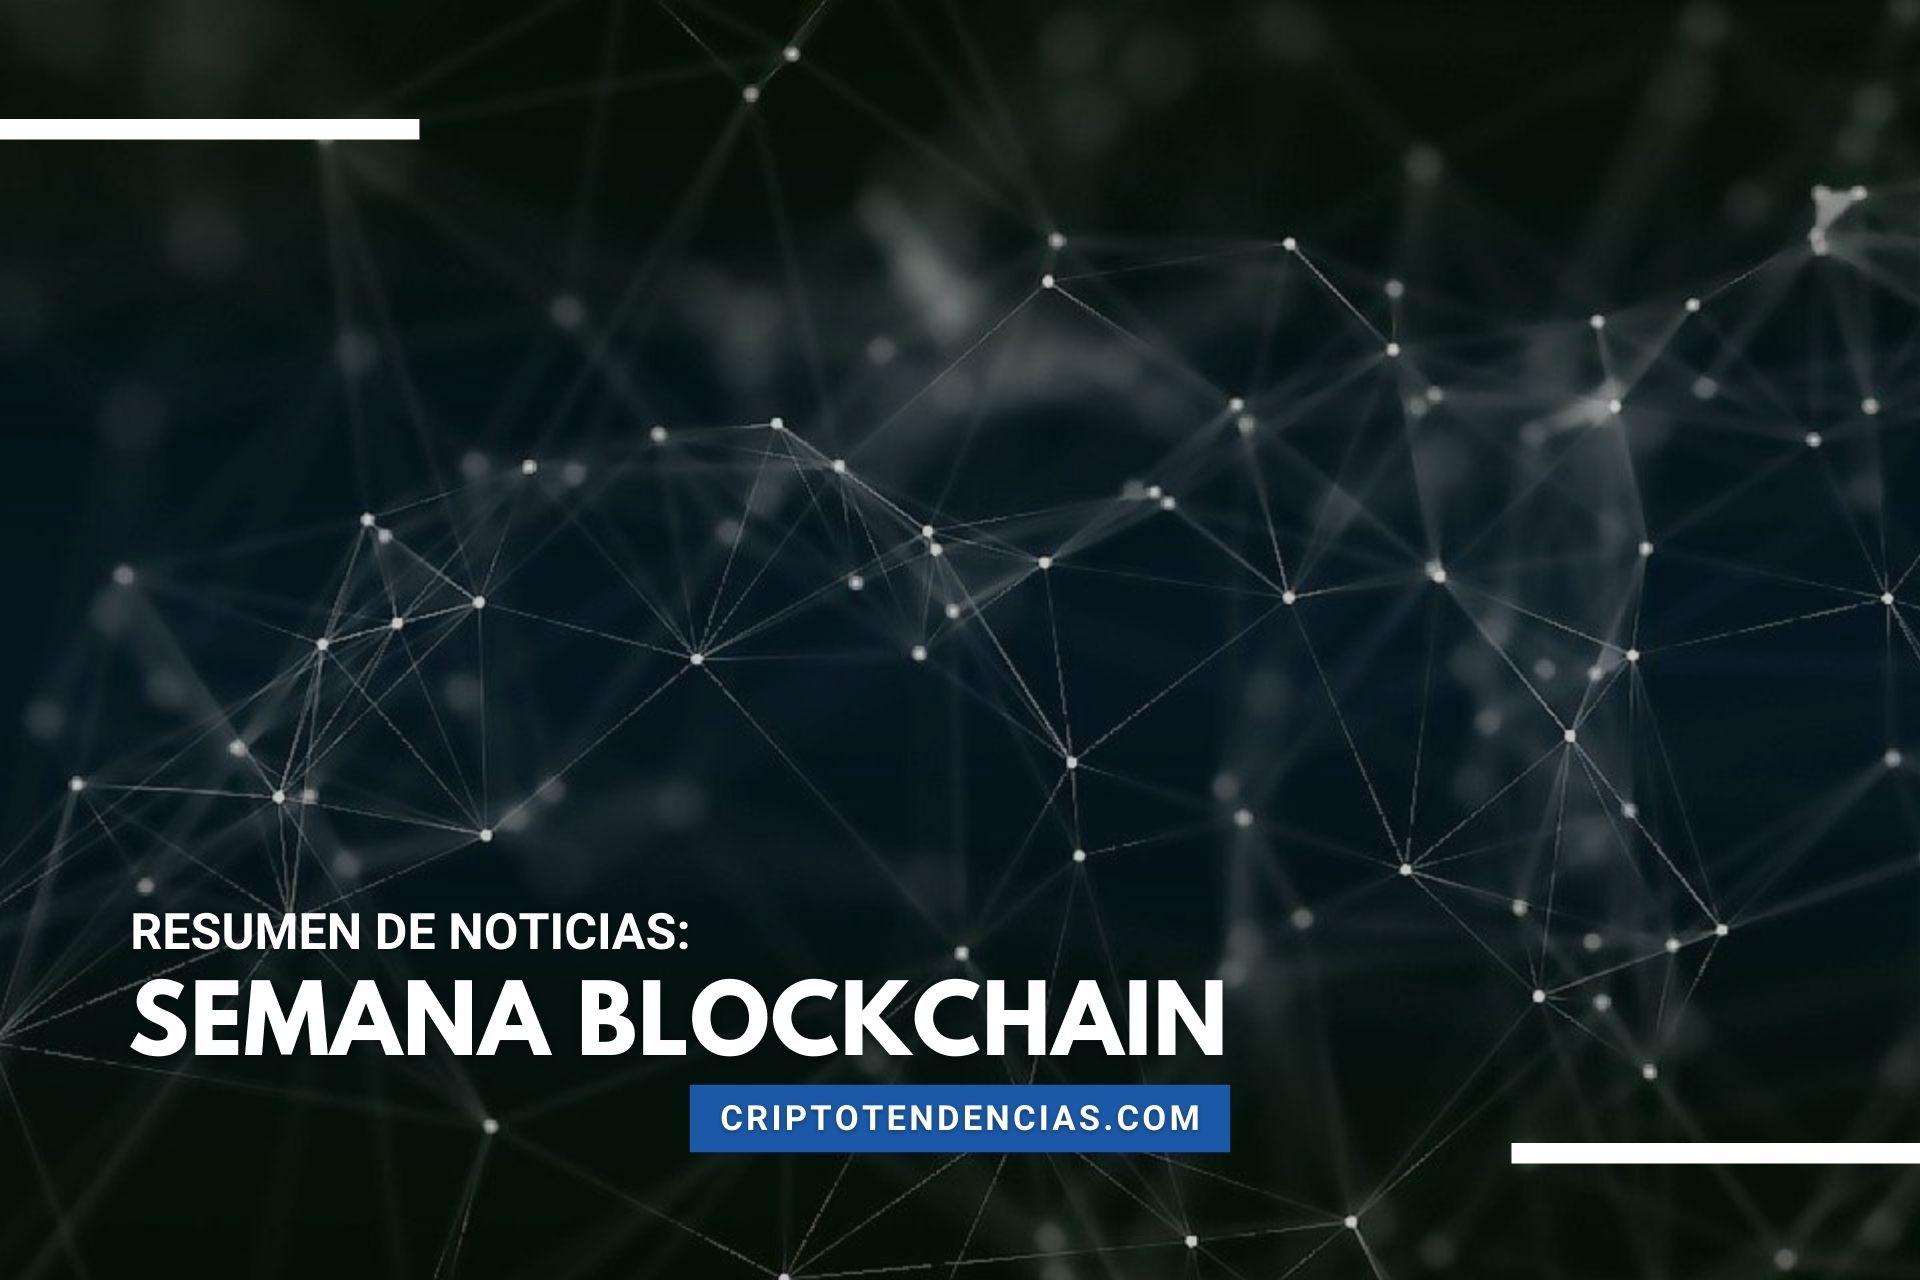 Semana Blockchain: repasamos las noticias más destacadas en los últimos días sobre tecnología blockchain y los NFT